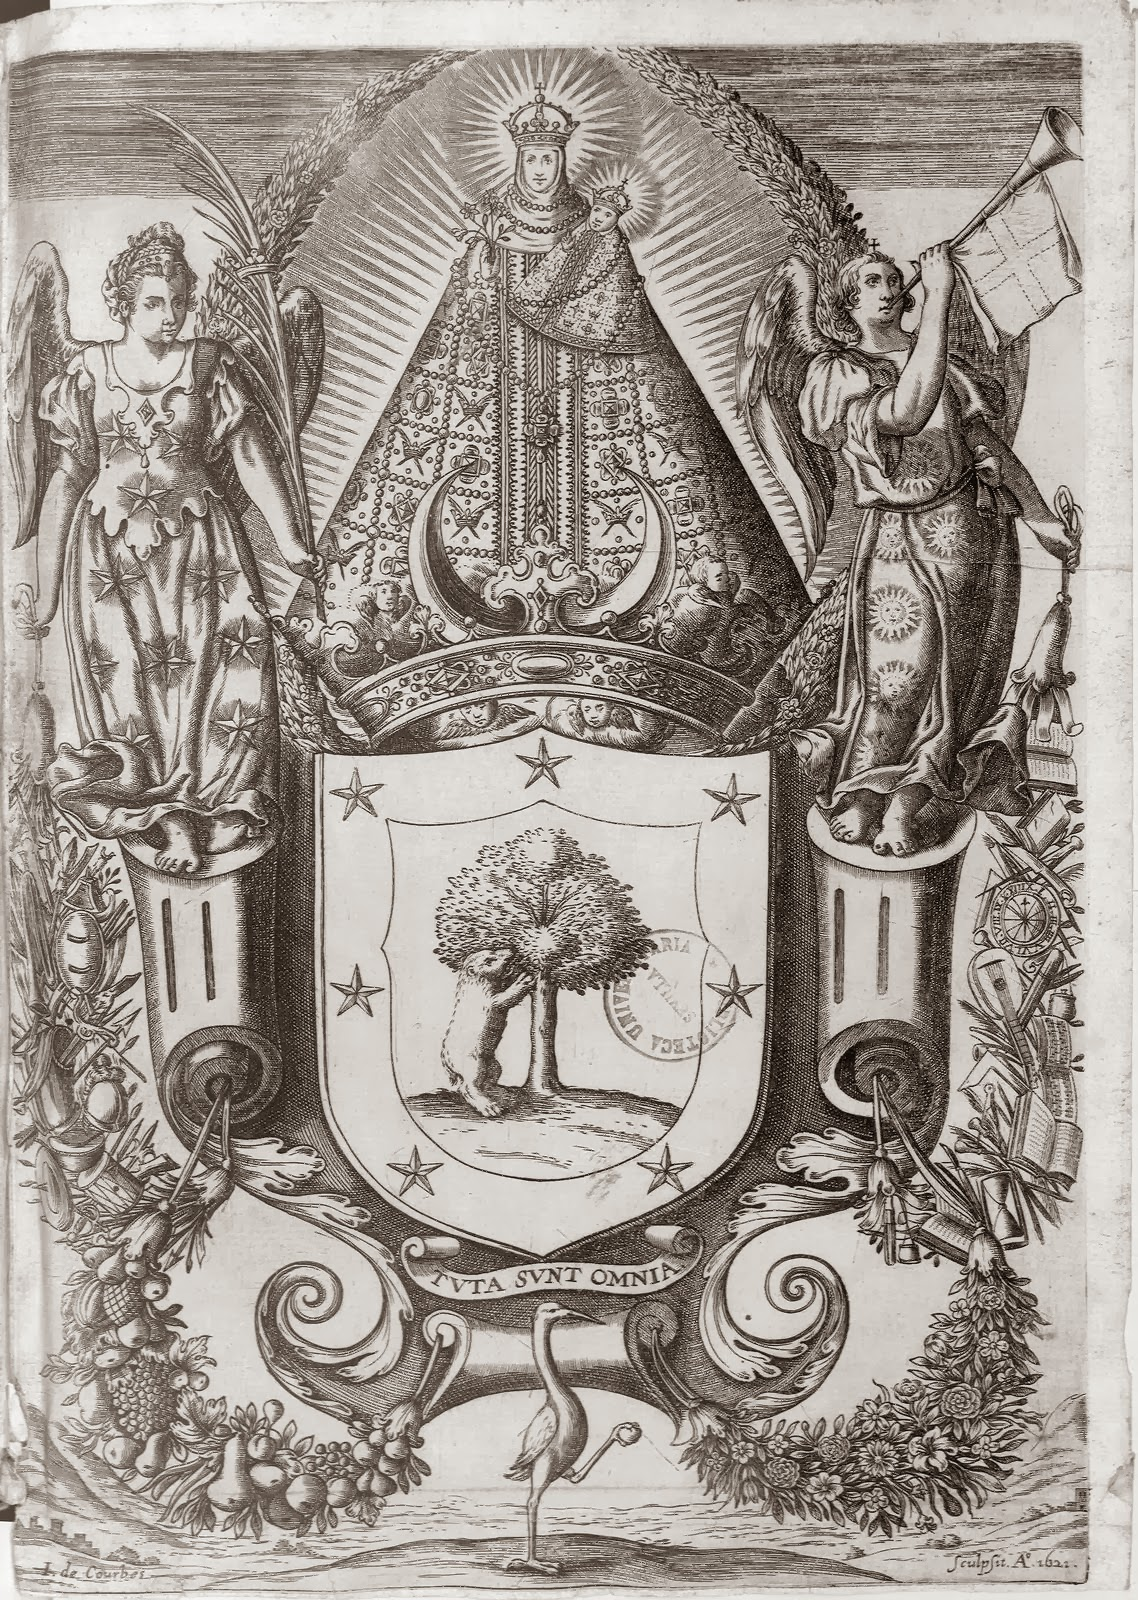 Grabado de la Virgen de Atocha - El nombre de Atocha se relaciona con los atentados del 11M de España